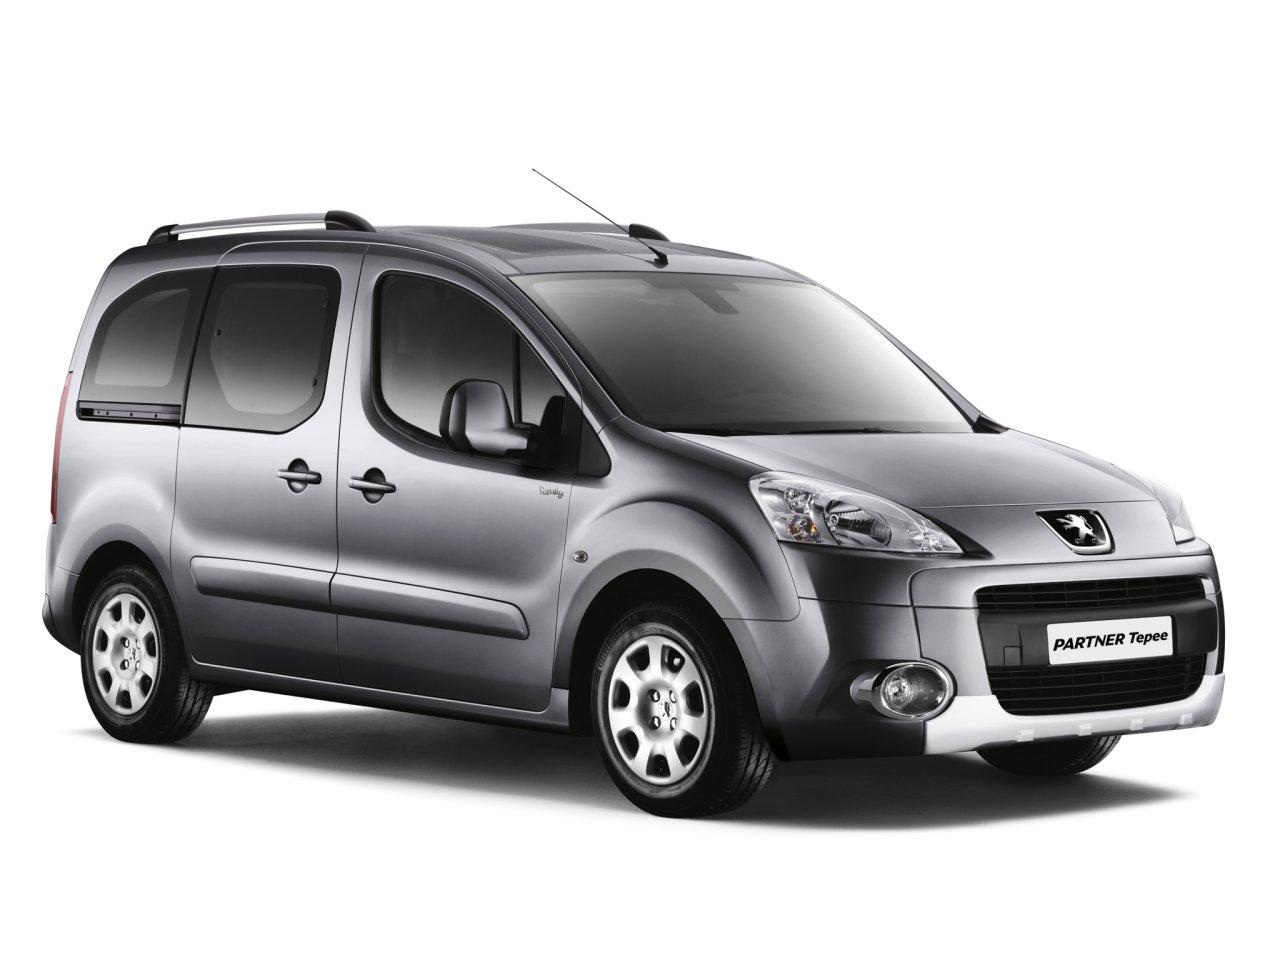 Peugeot partner b9 фото